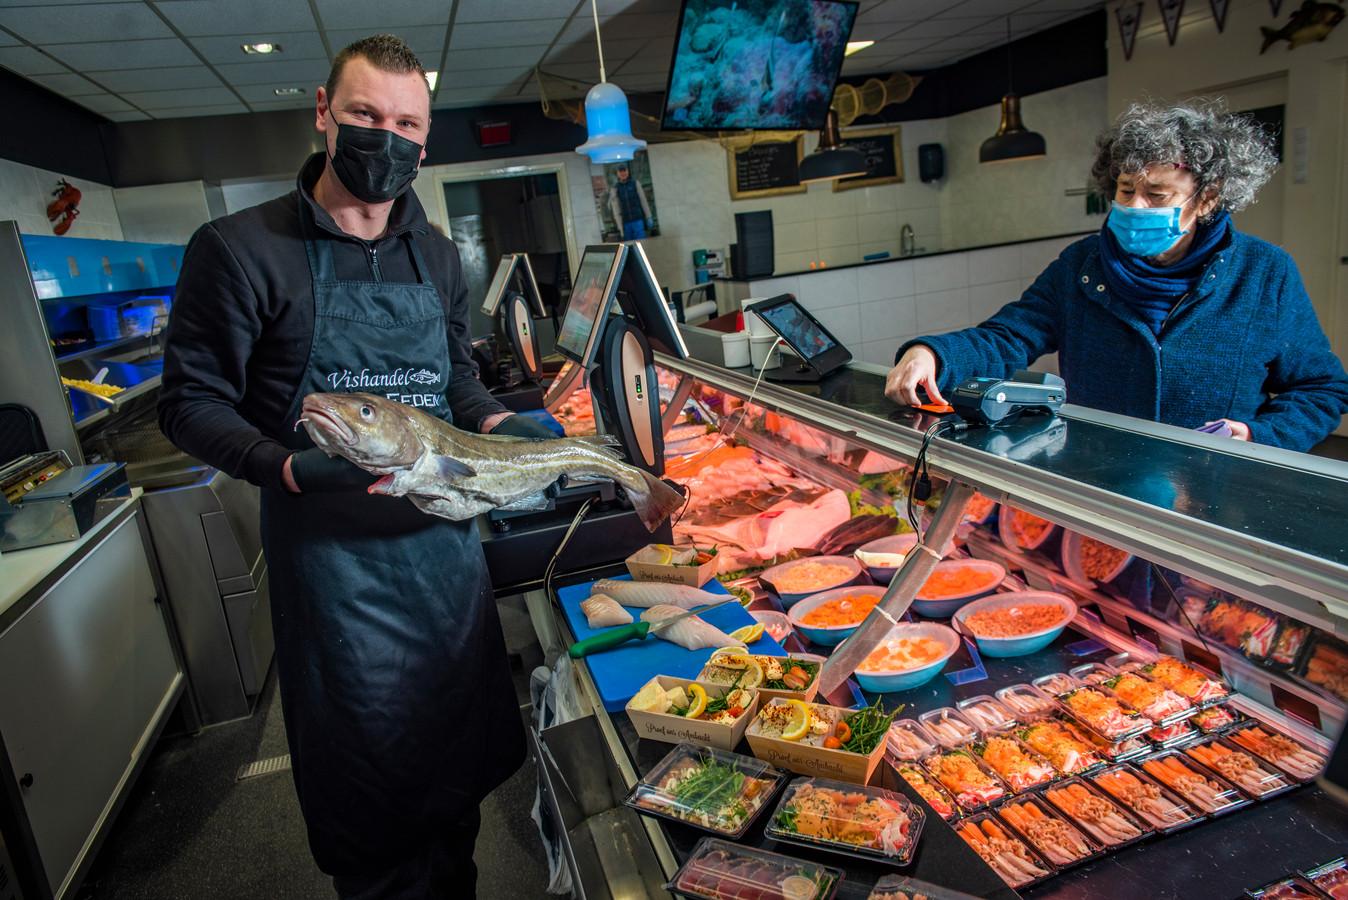 Kevin van Eeden begon in coronatijd  zijn vishandel.